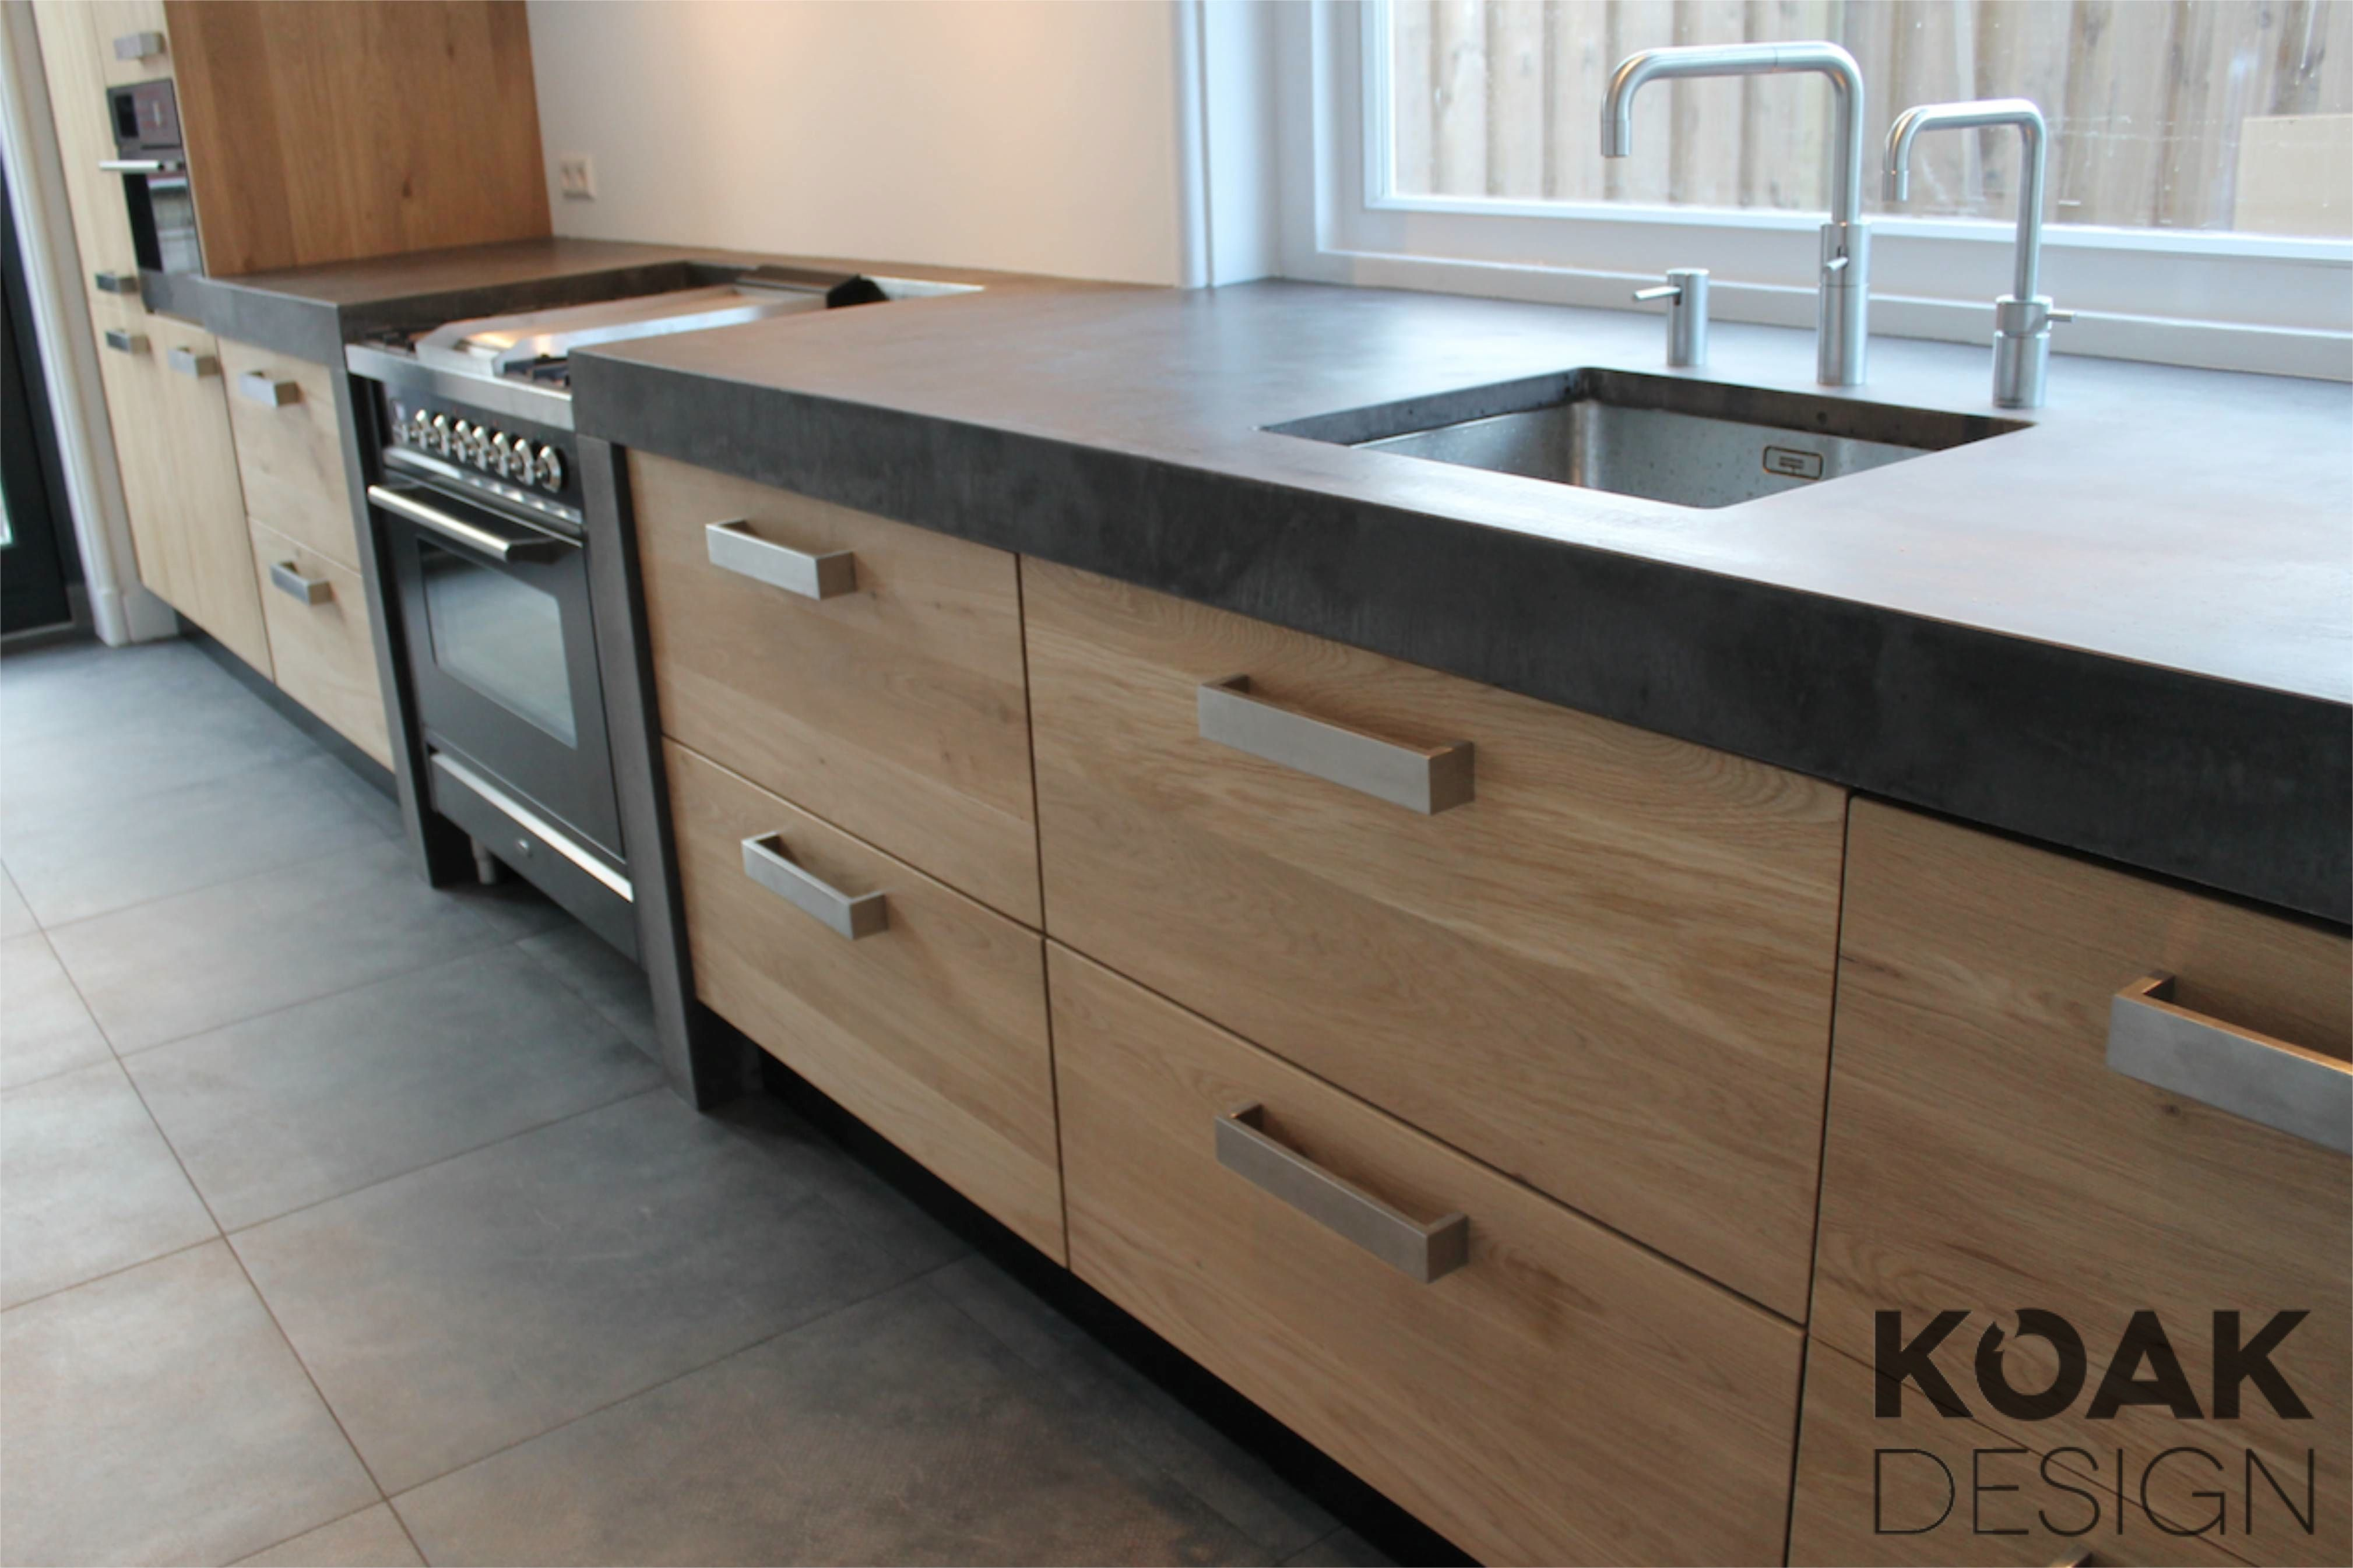 Ikea Koak Keuken : Koak design ikea keuken real oak wooden doors ikea kitchen hack